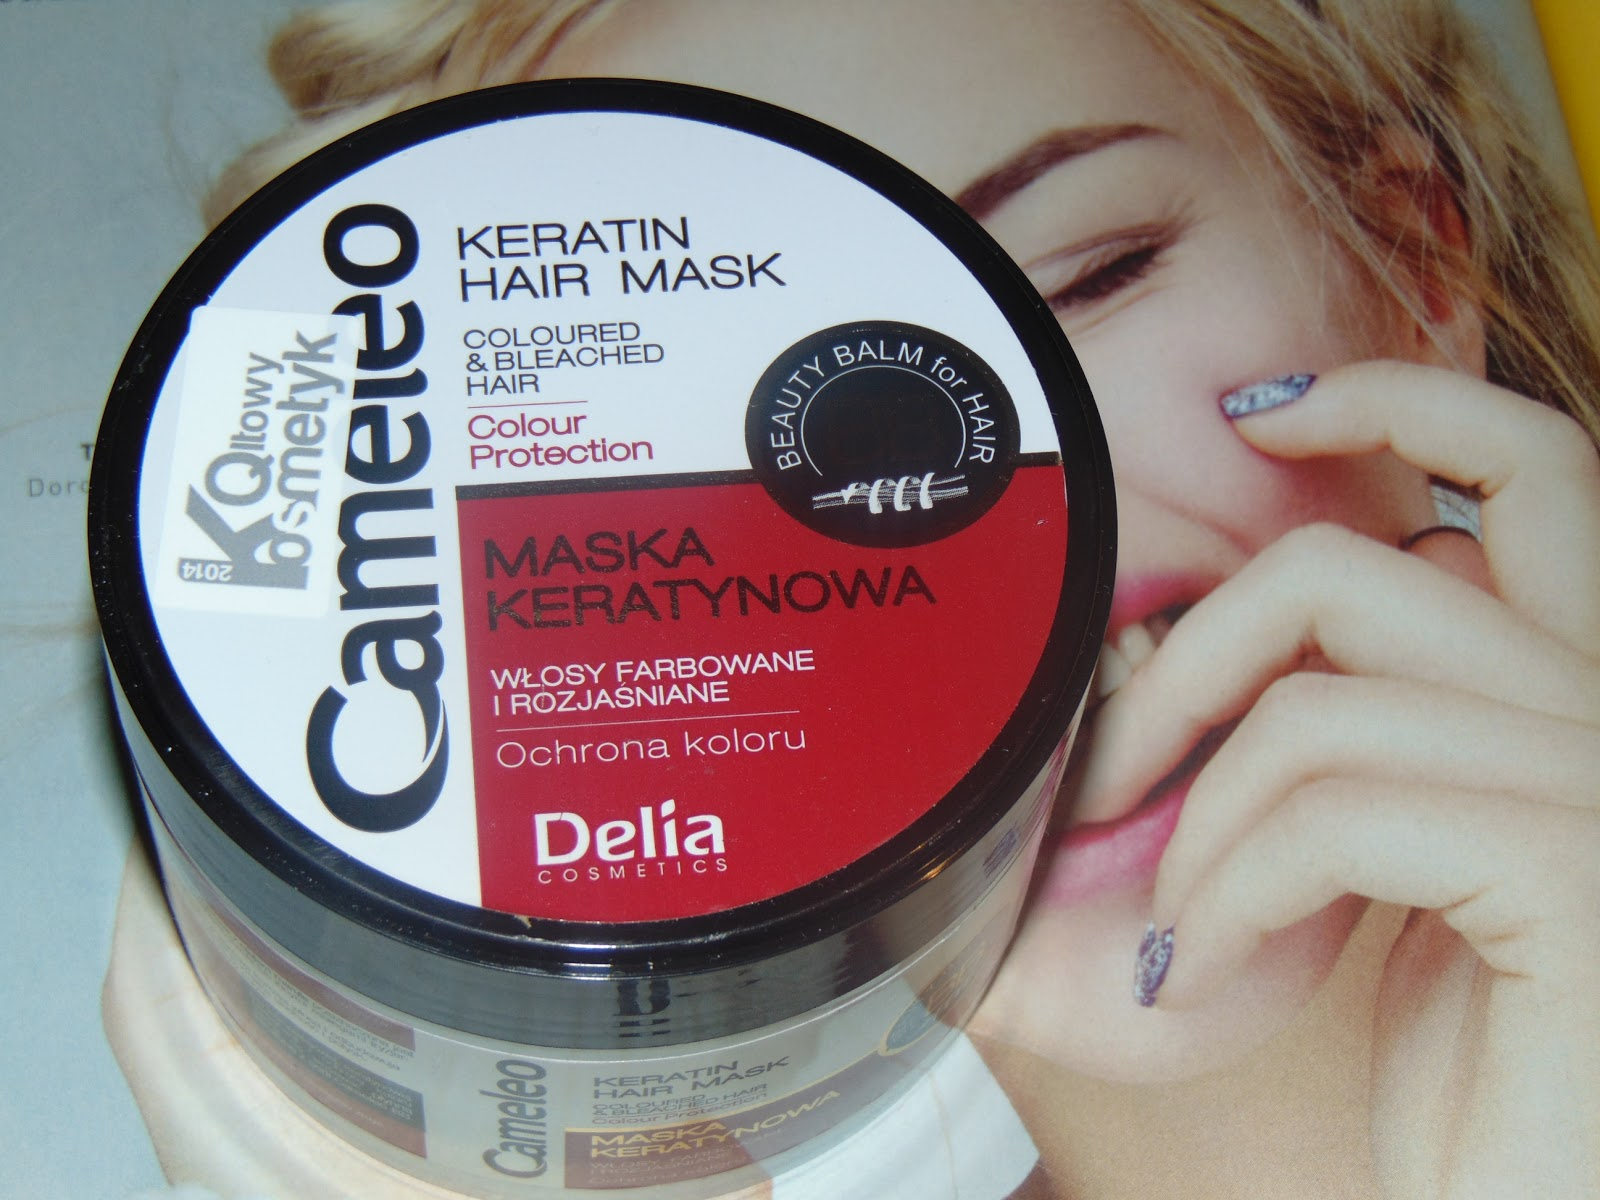 Delia Cosmetics, Maska keratynowa do włosów CAMELEO BB